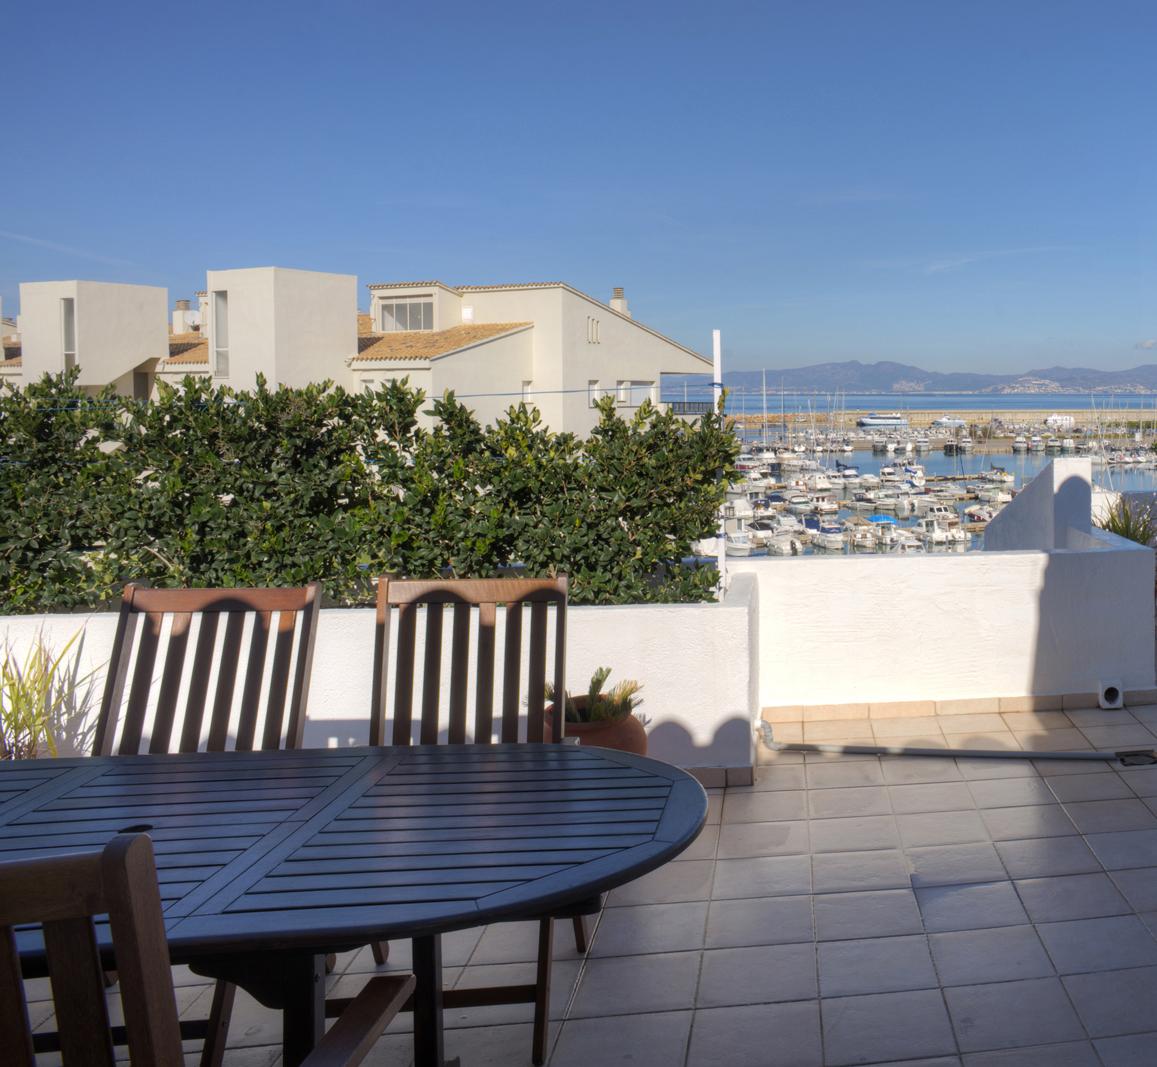 Căn hộ vì Bán tại Elegant and spacious penthouse overlooking the marina L Escala, Costa Brava, 17130 Tây Ban Nha